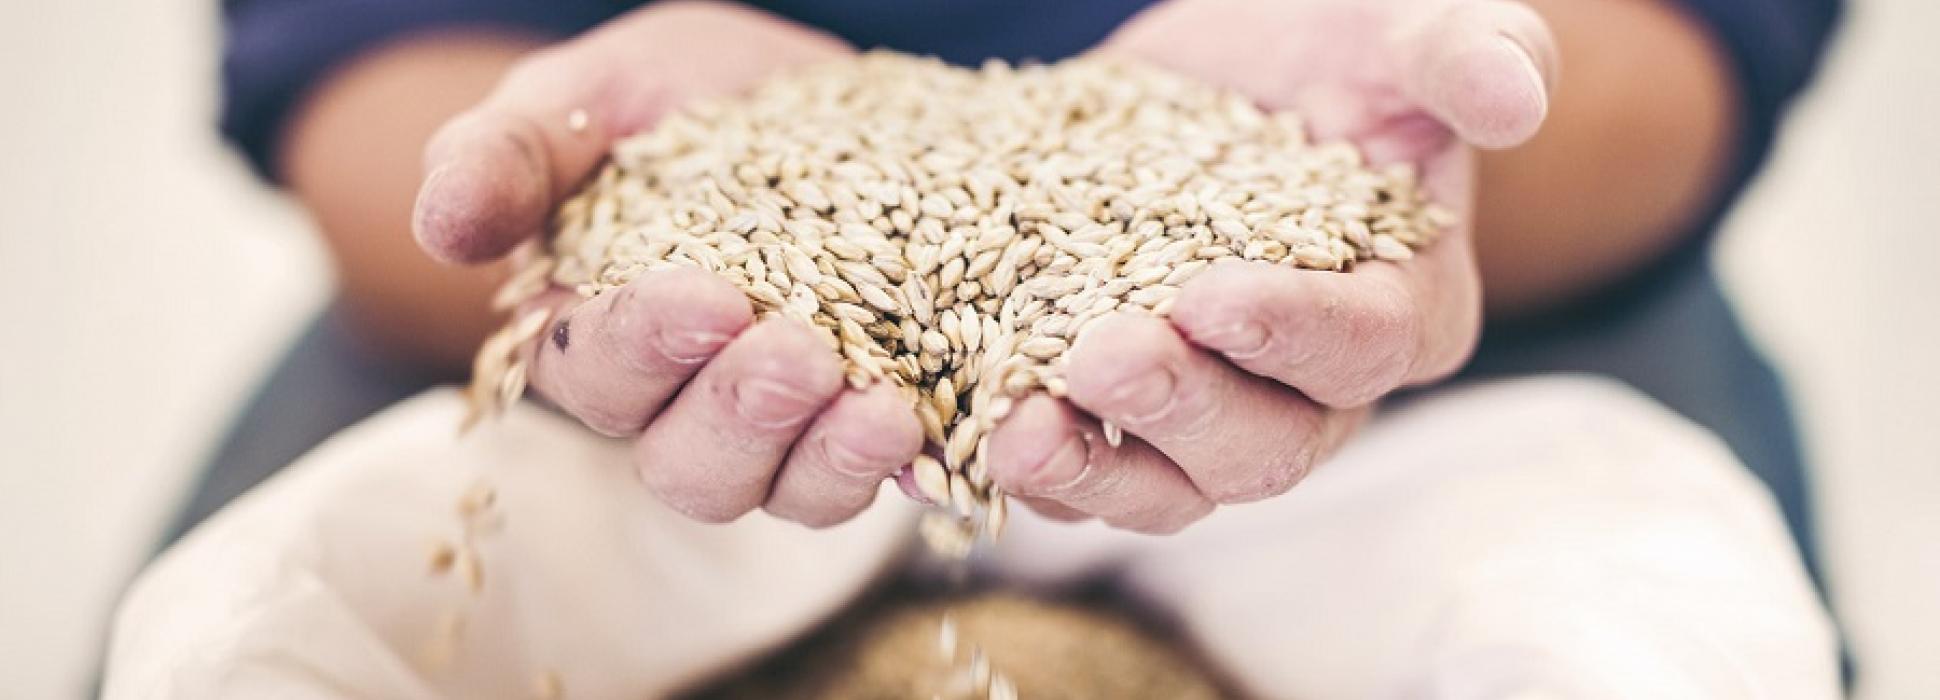 Le groupe agroalimentaire Soufflet renforce son action pour l'environnement